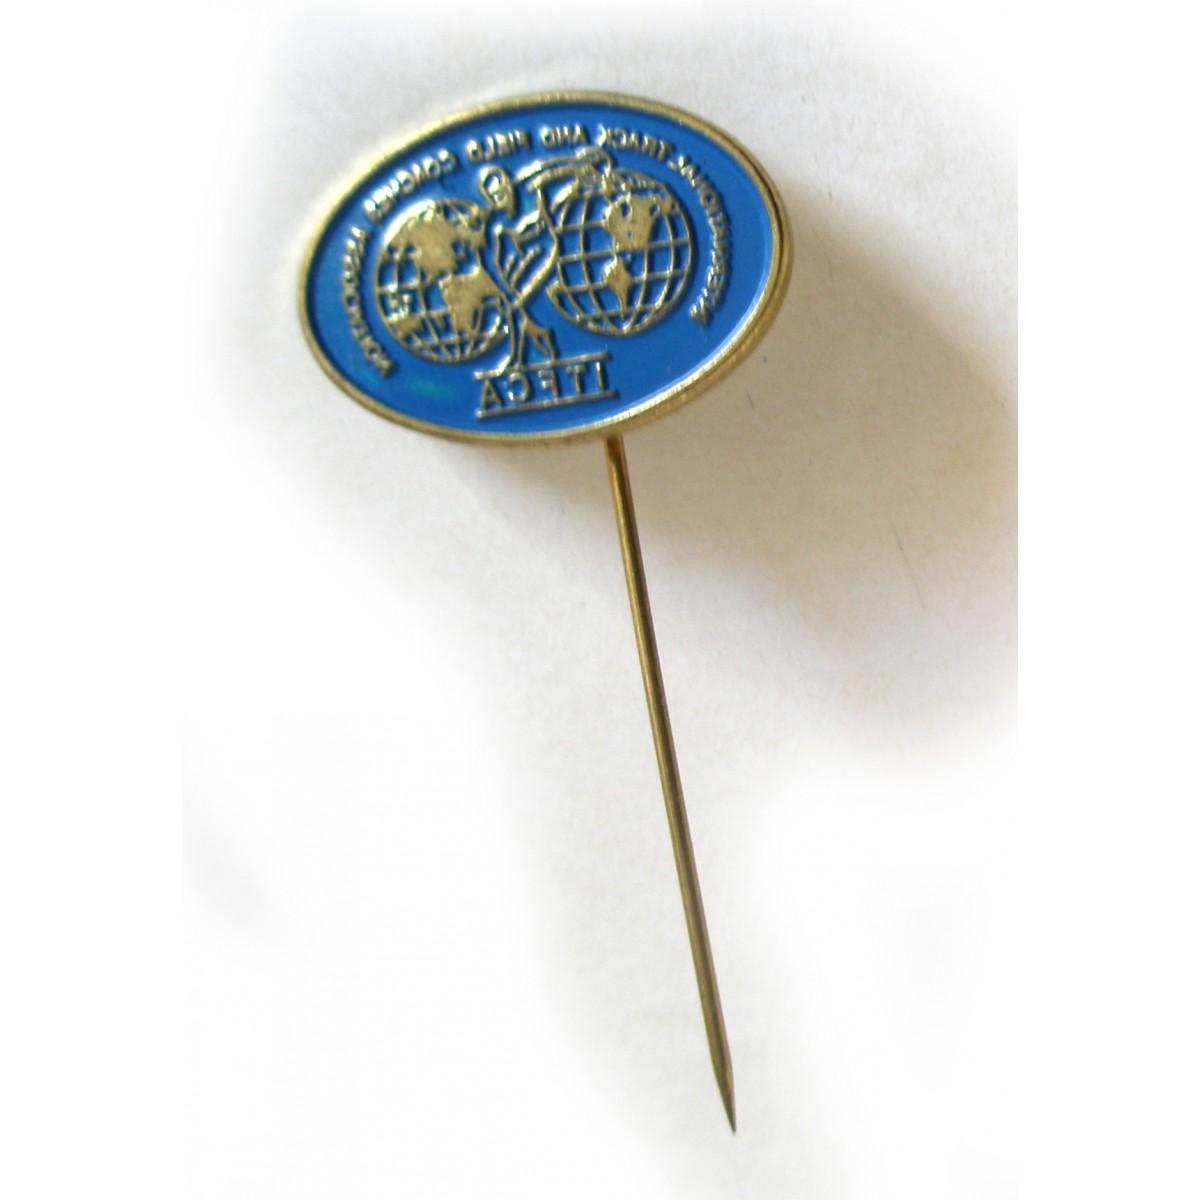 Καρφίτσα της Διεθνούς Ένωσης  Προπονητών Στίβου.